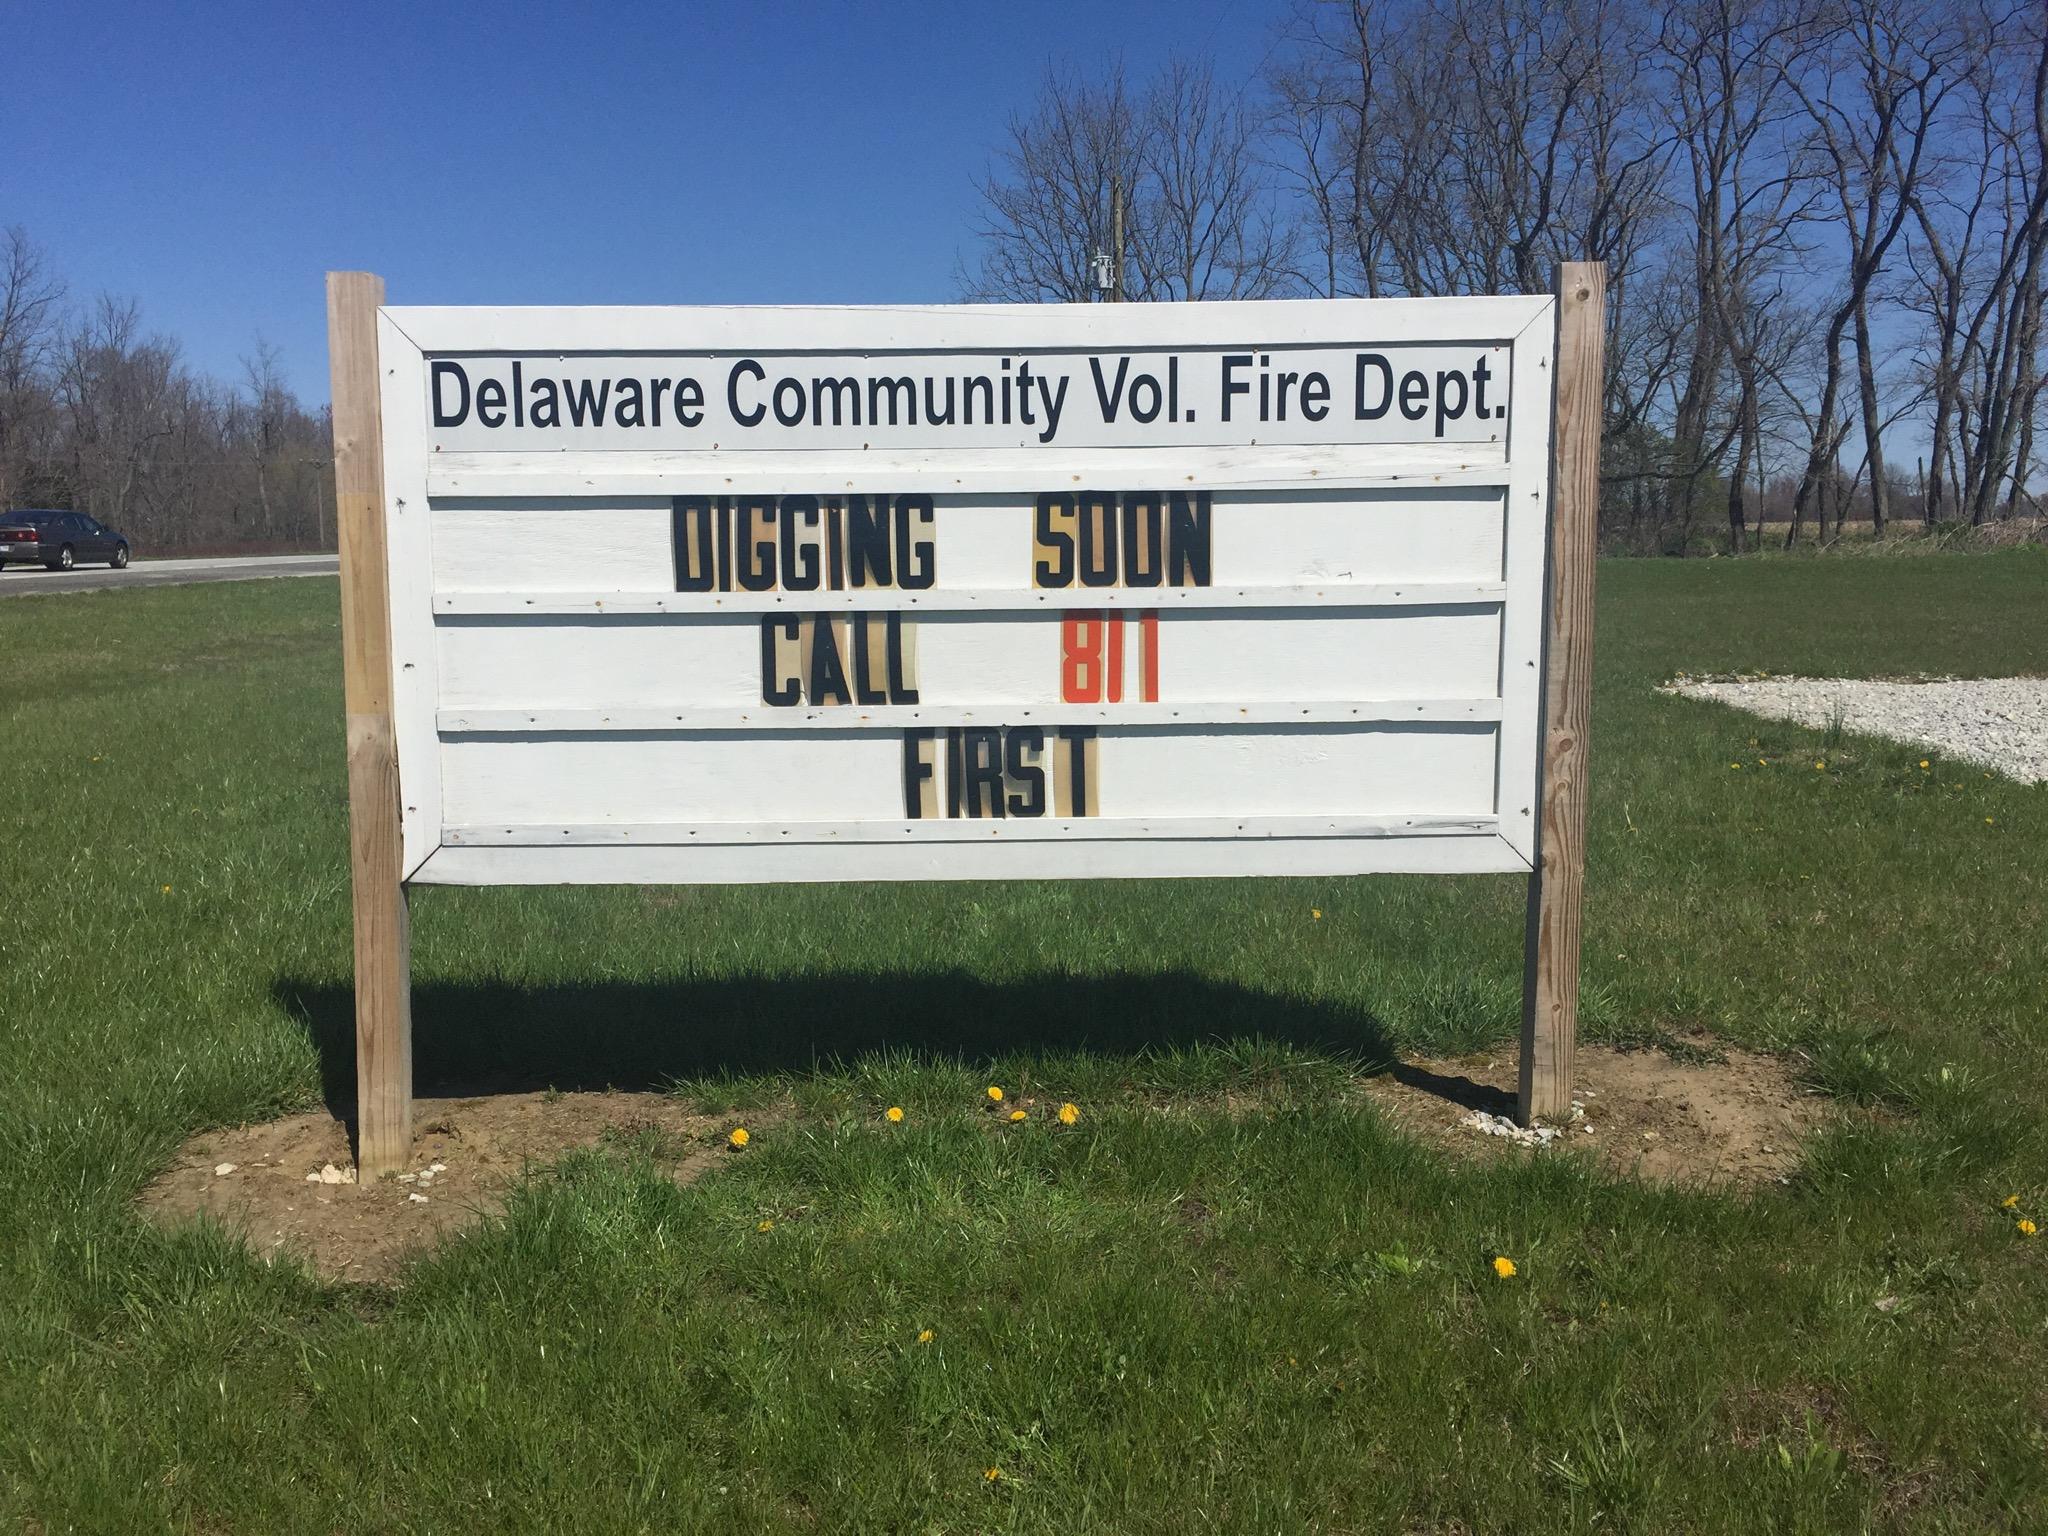 Delaware Comm. Vol. Fire Department